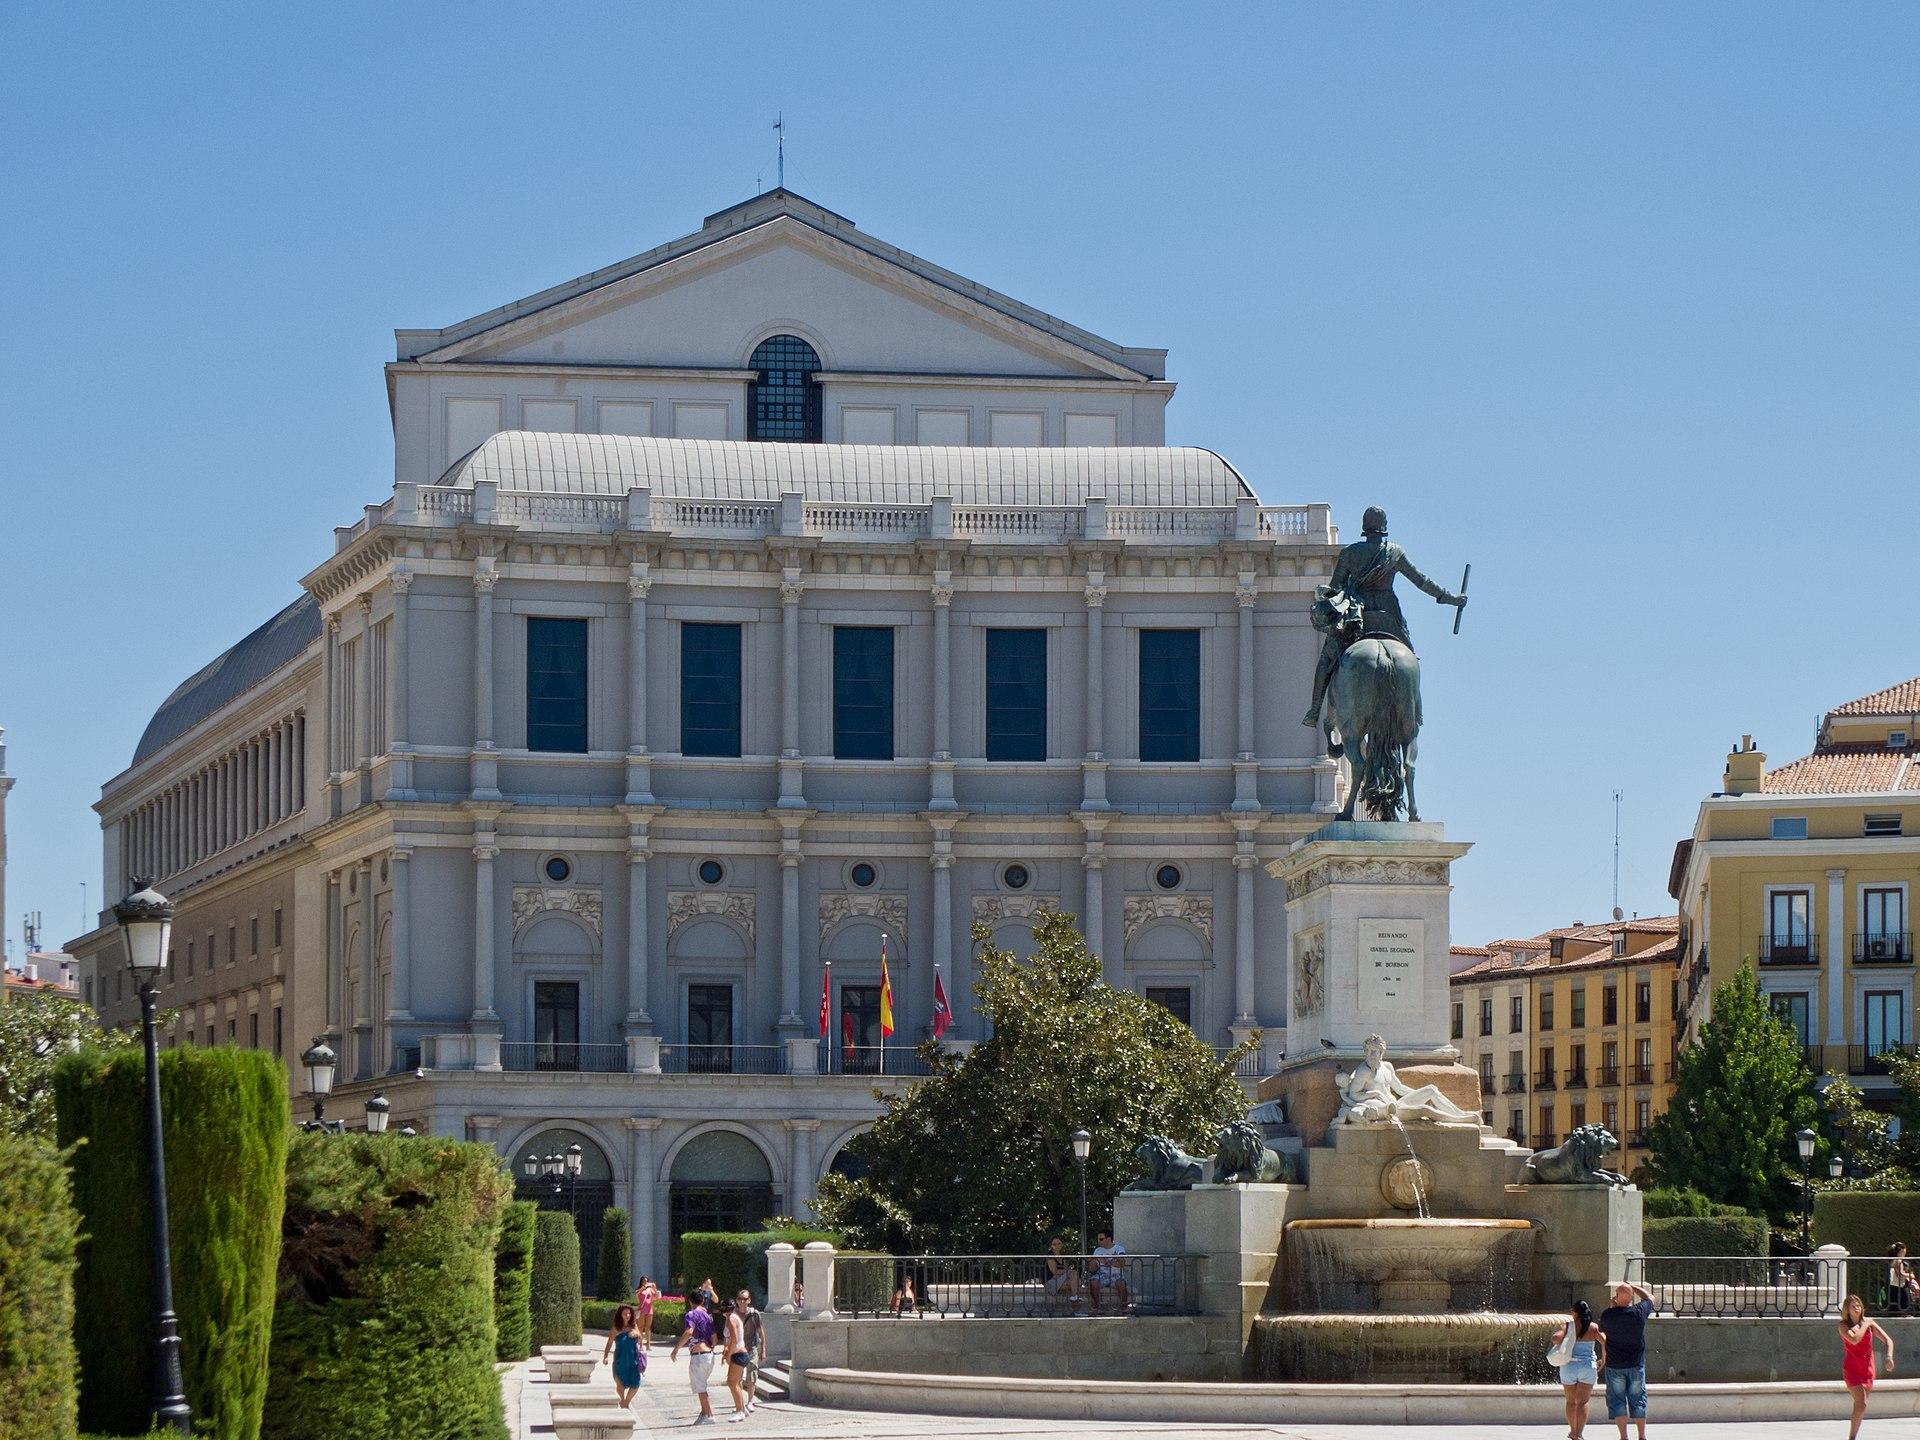 Teatro real madrid wikipedia la enciclopedia libre - Montadores de pladur en madrid ...